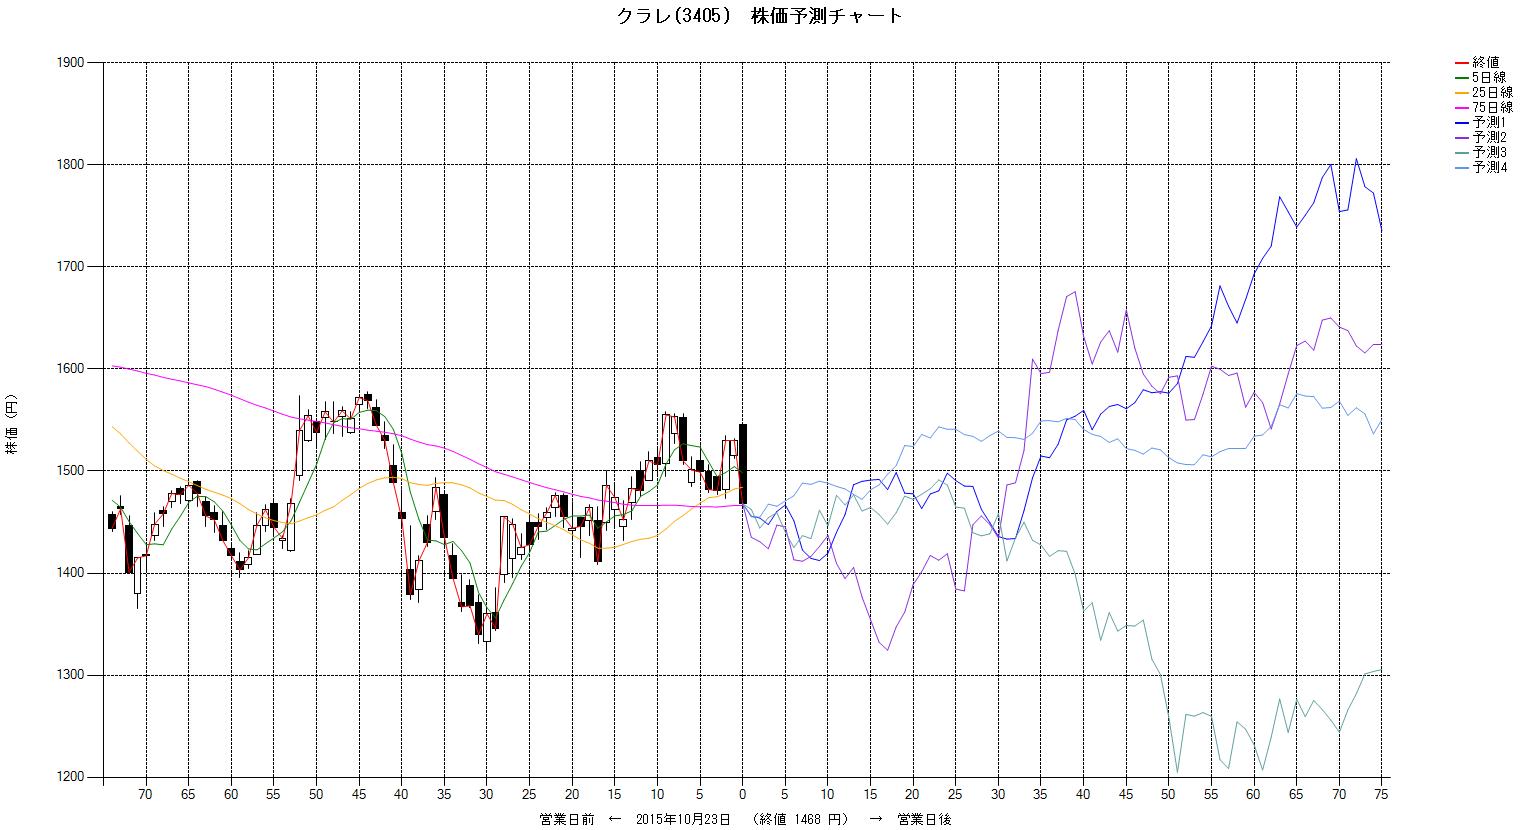 株価 クラレ